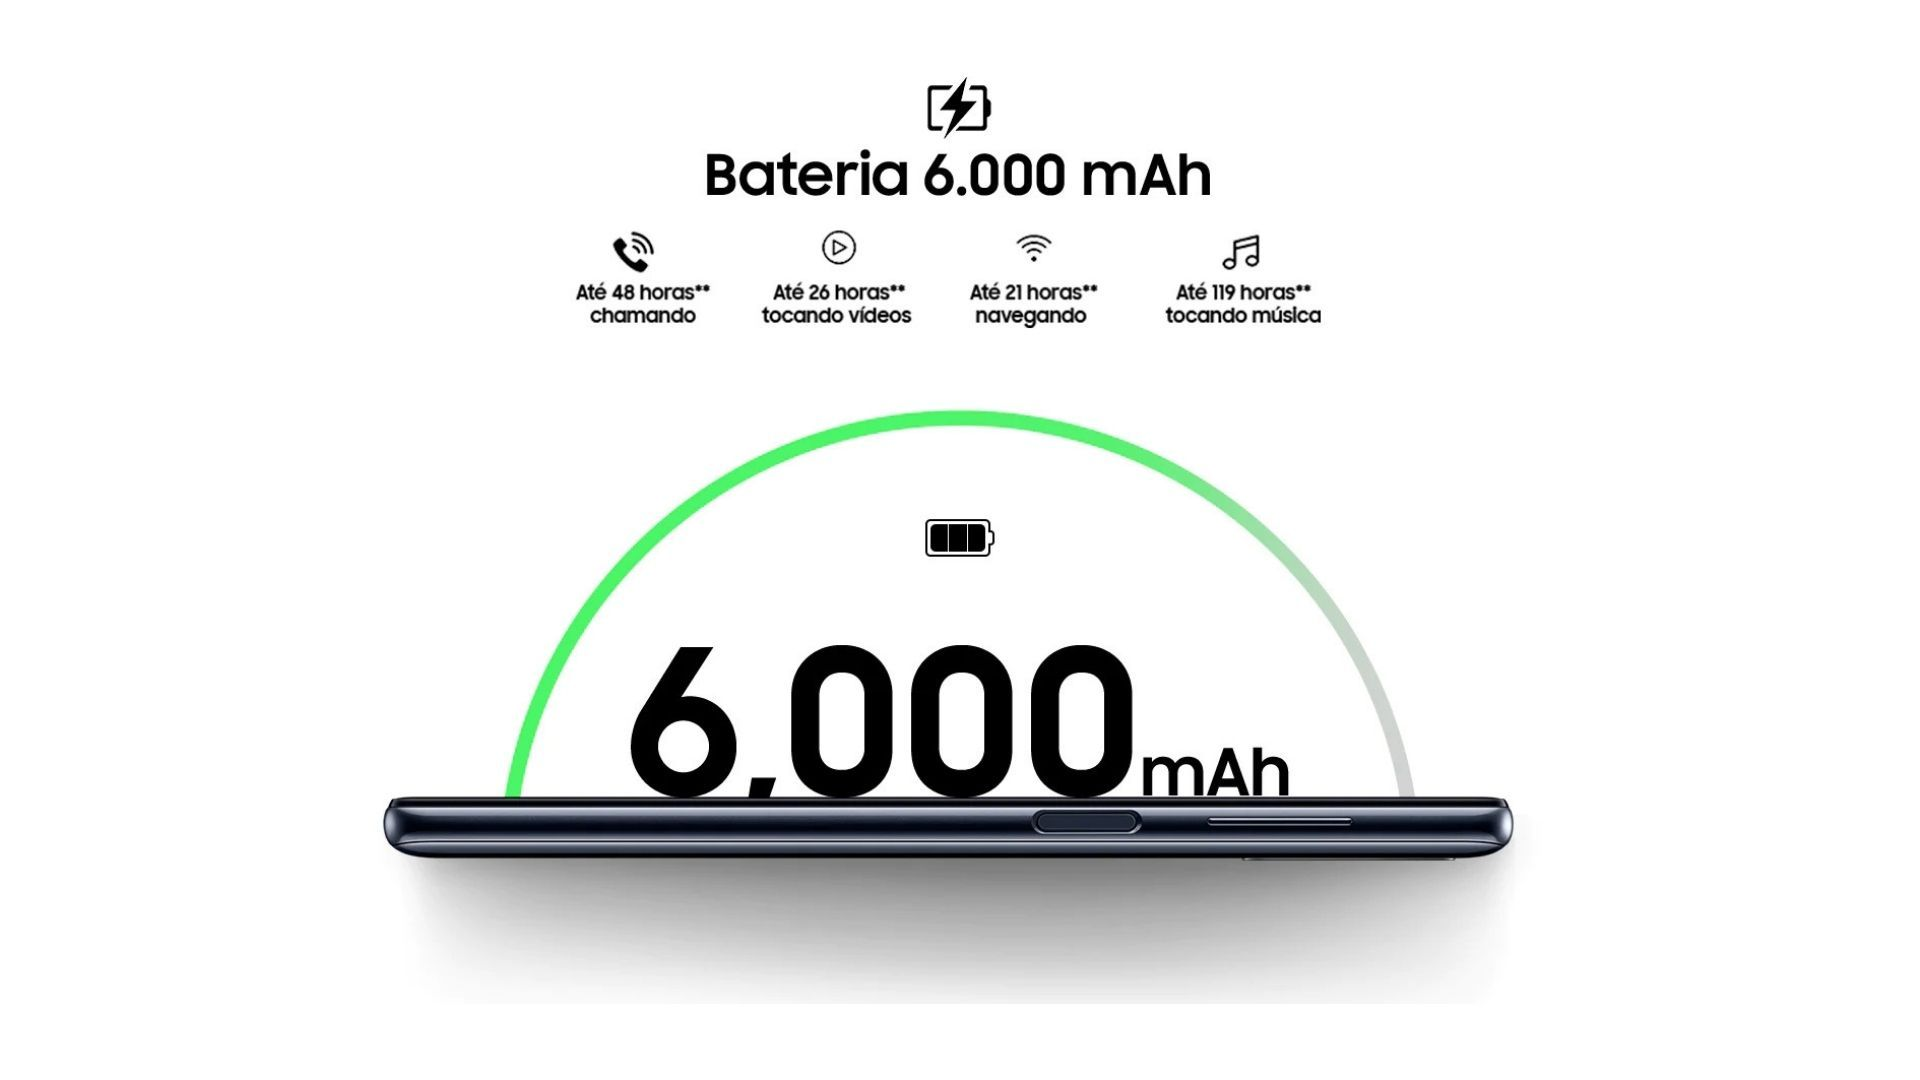 A bateria do Galaxy M21s é o seu grande destaque (Imagem: Divulgação/Samsung)